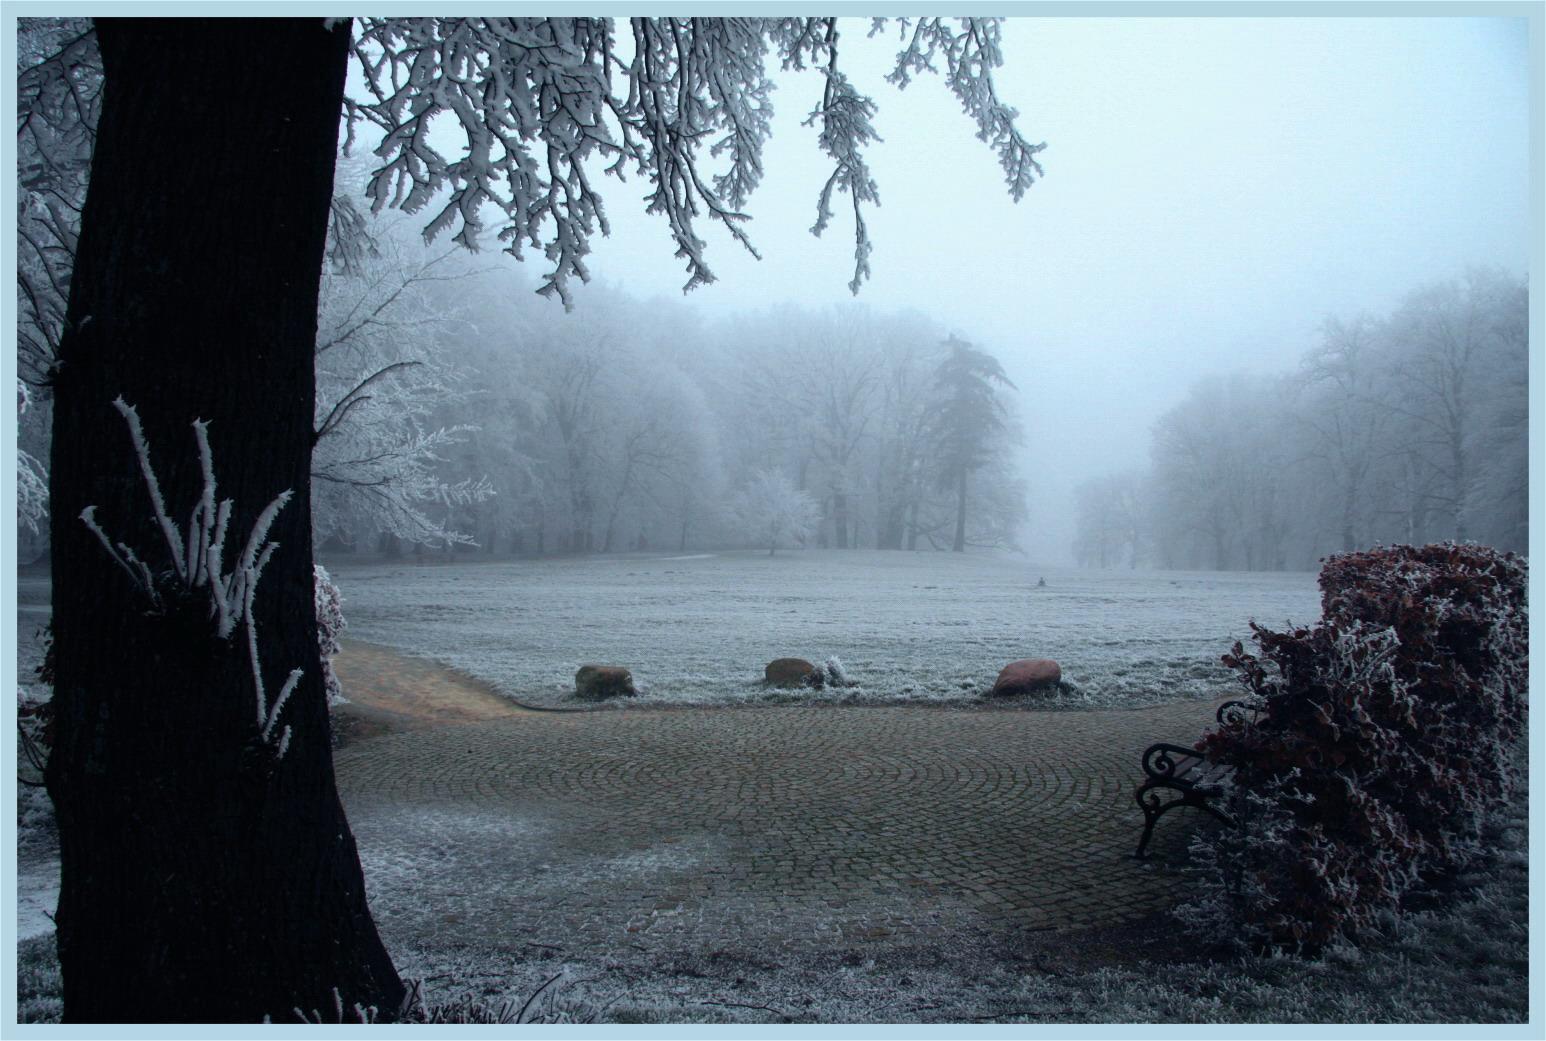 Nebel im Park